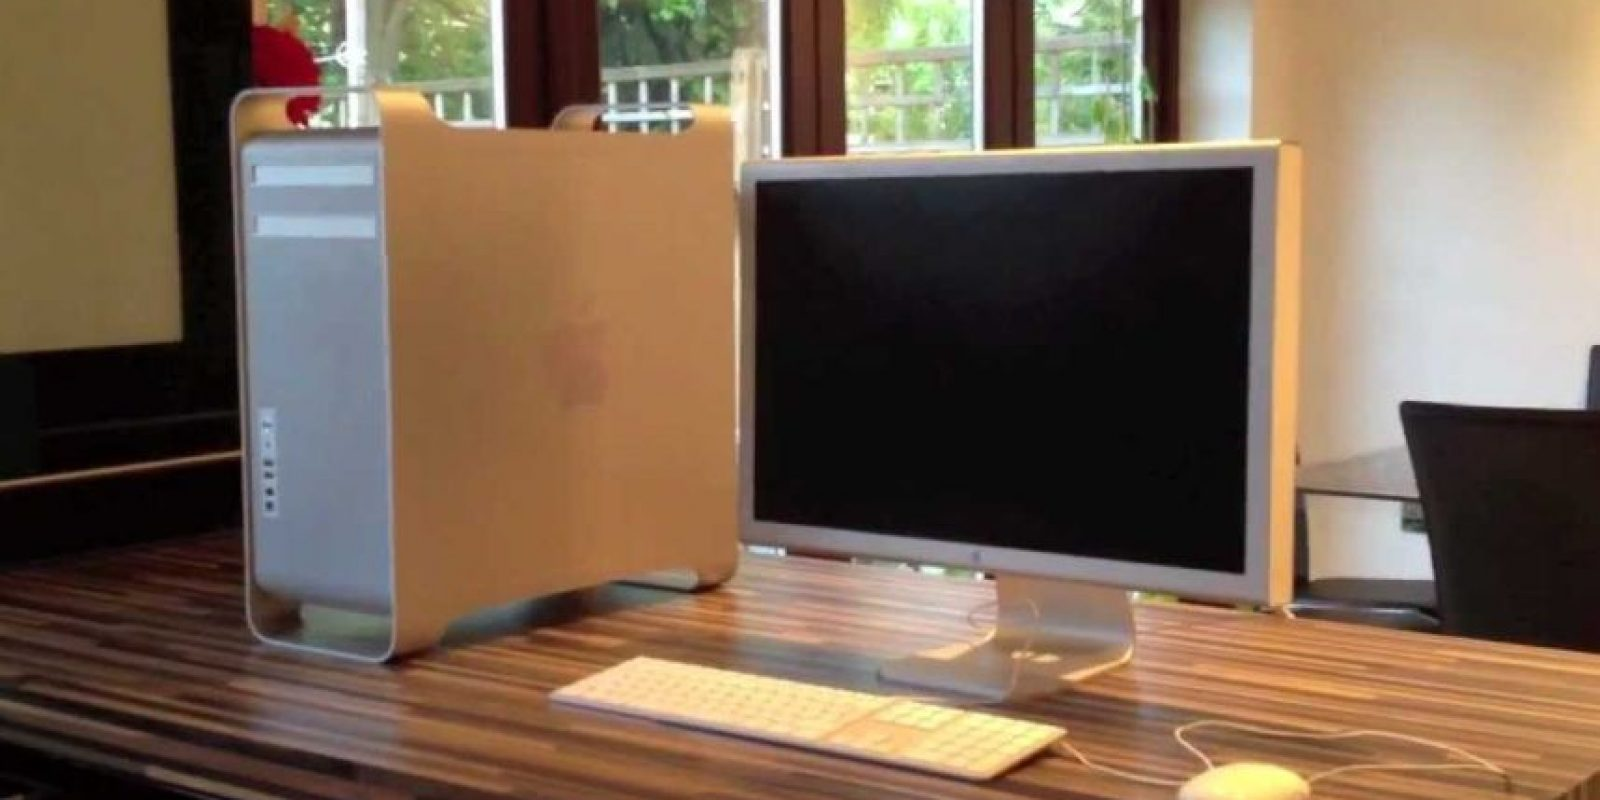 iMac (finales de 2009) Foto:Tumblr